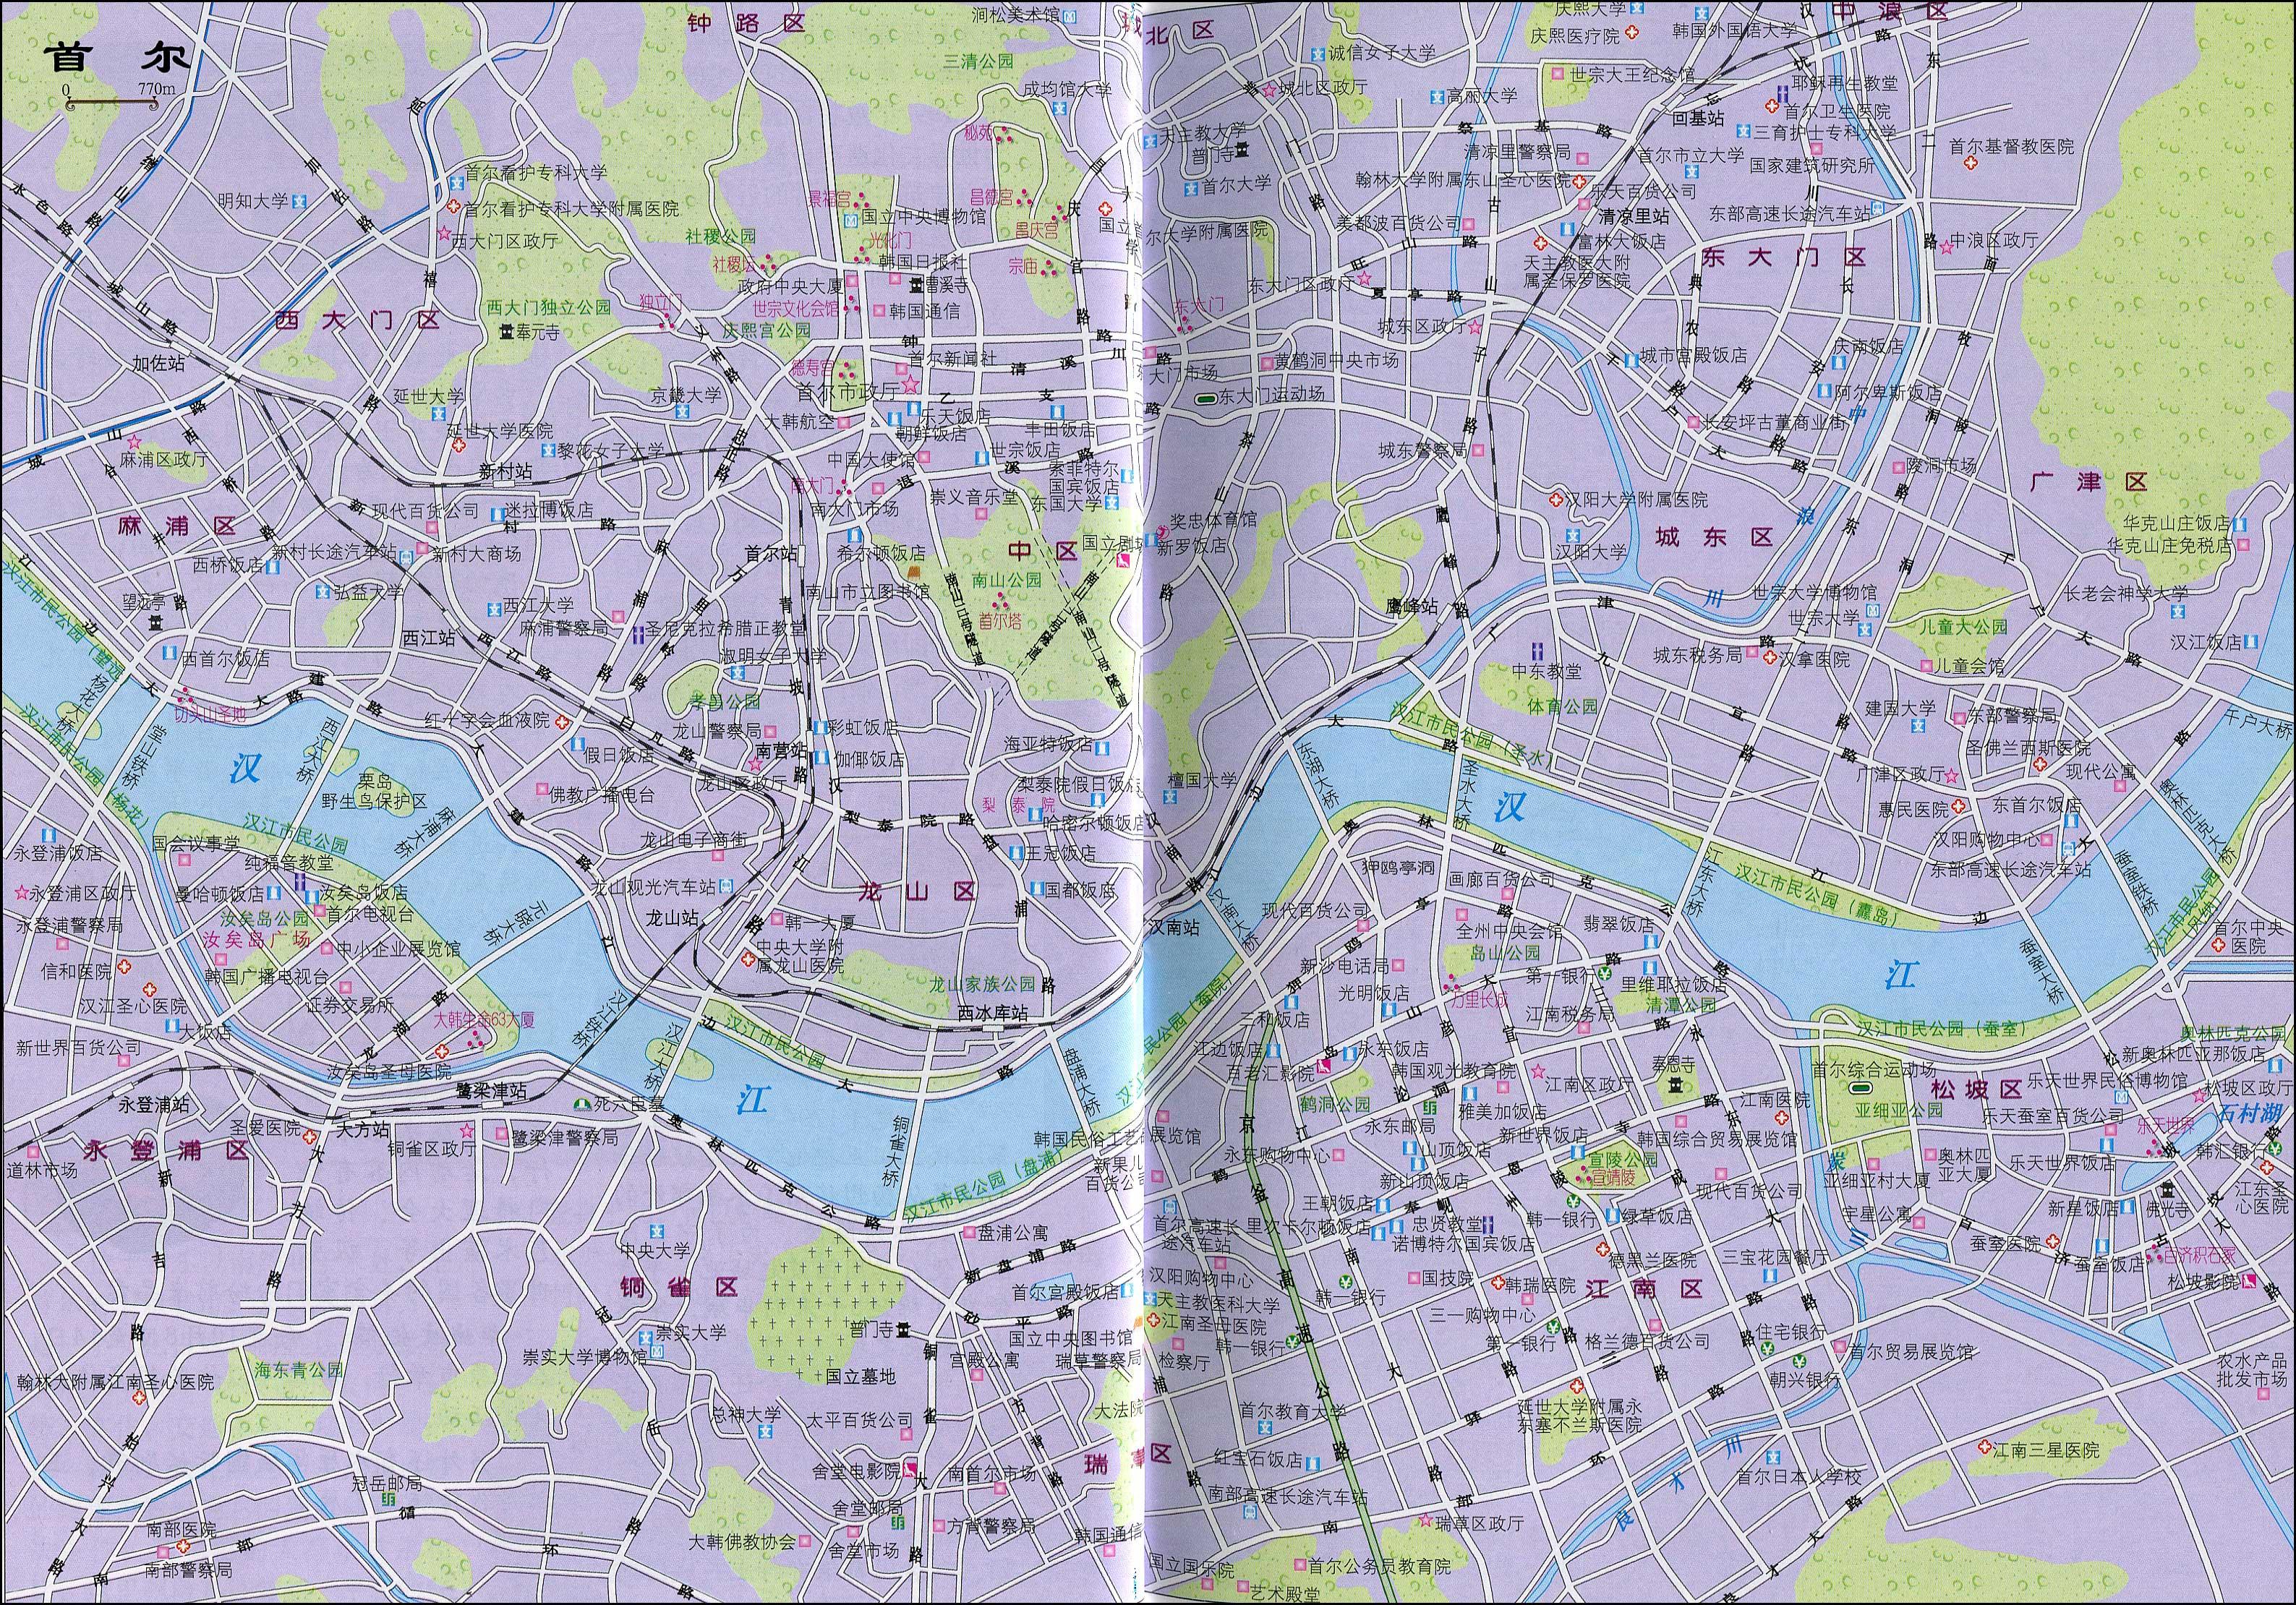 韩国首尔地图